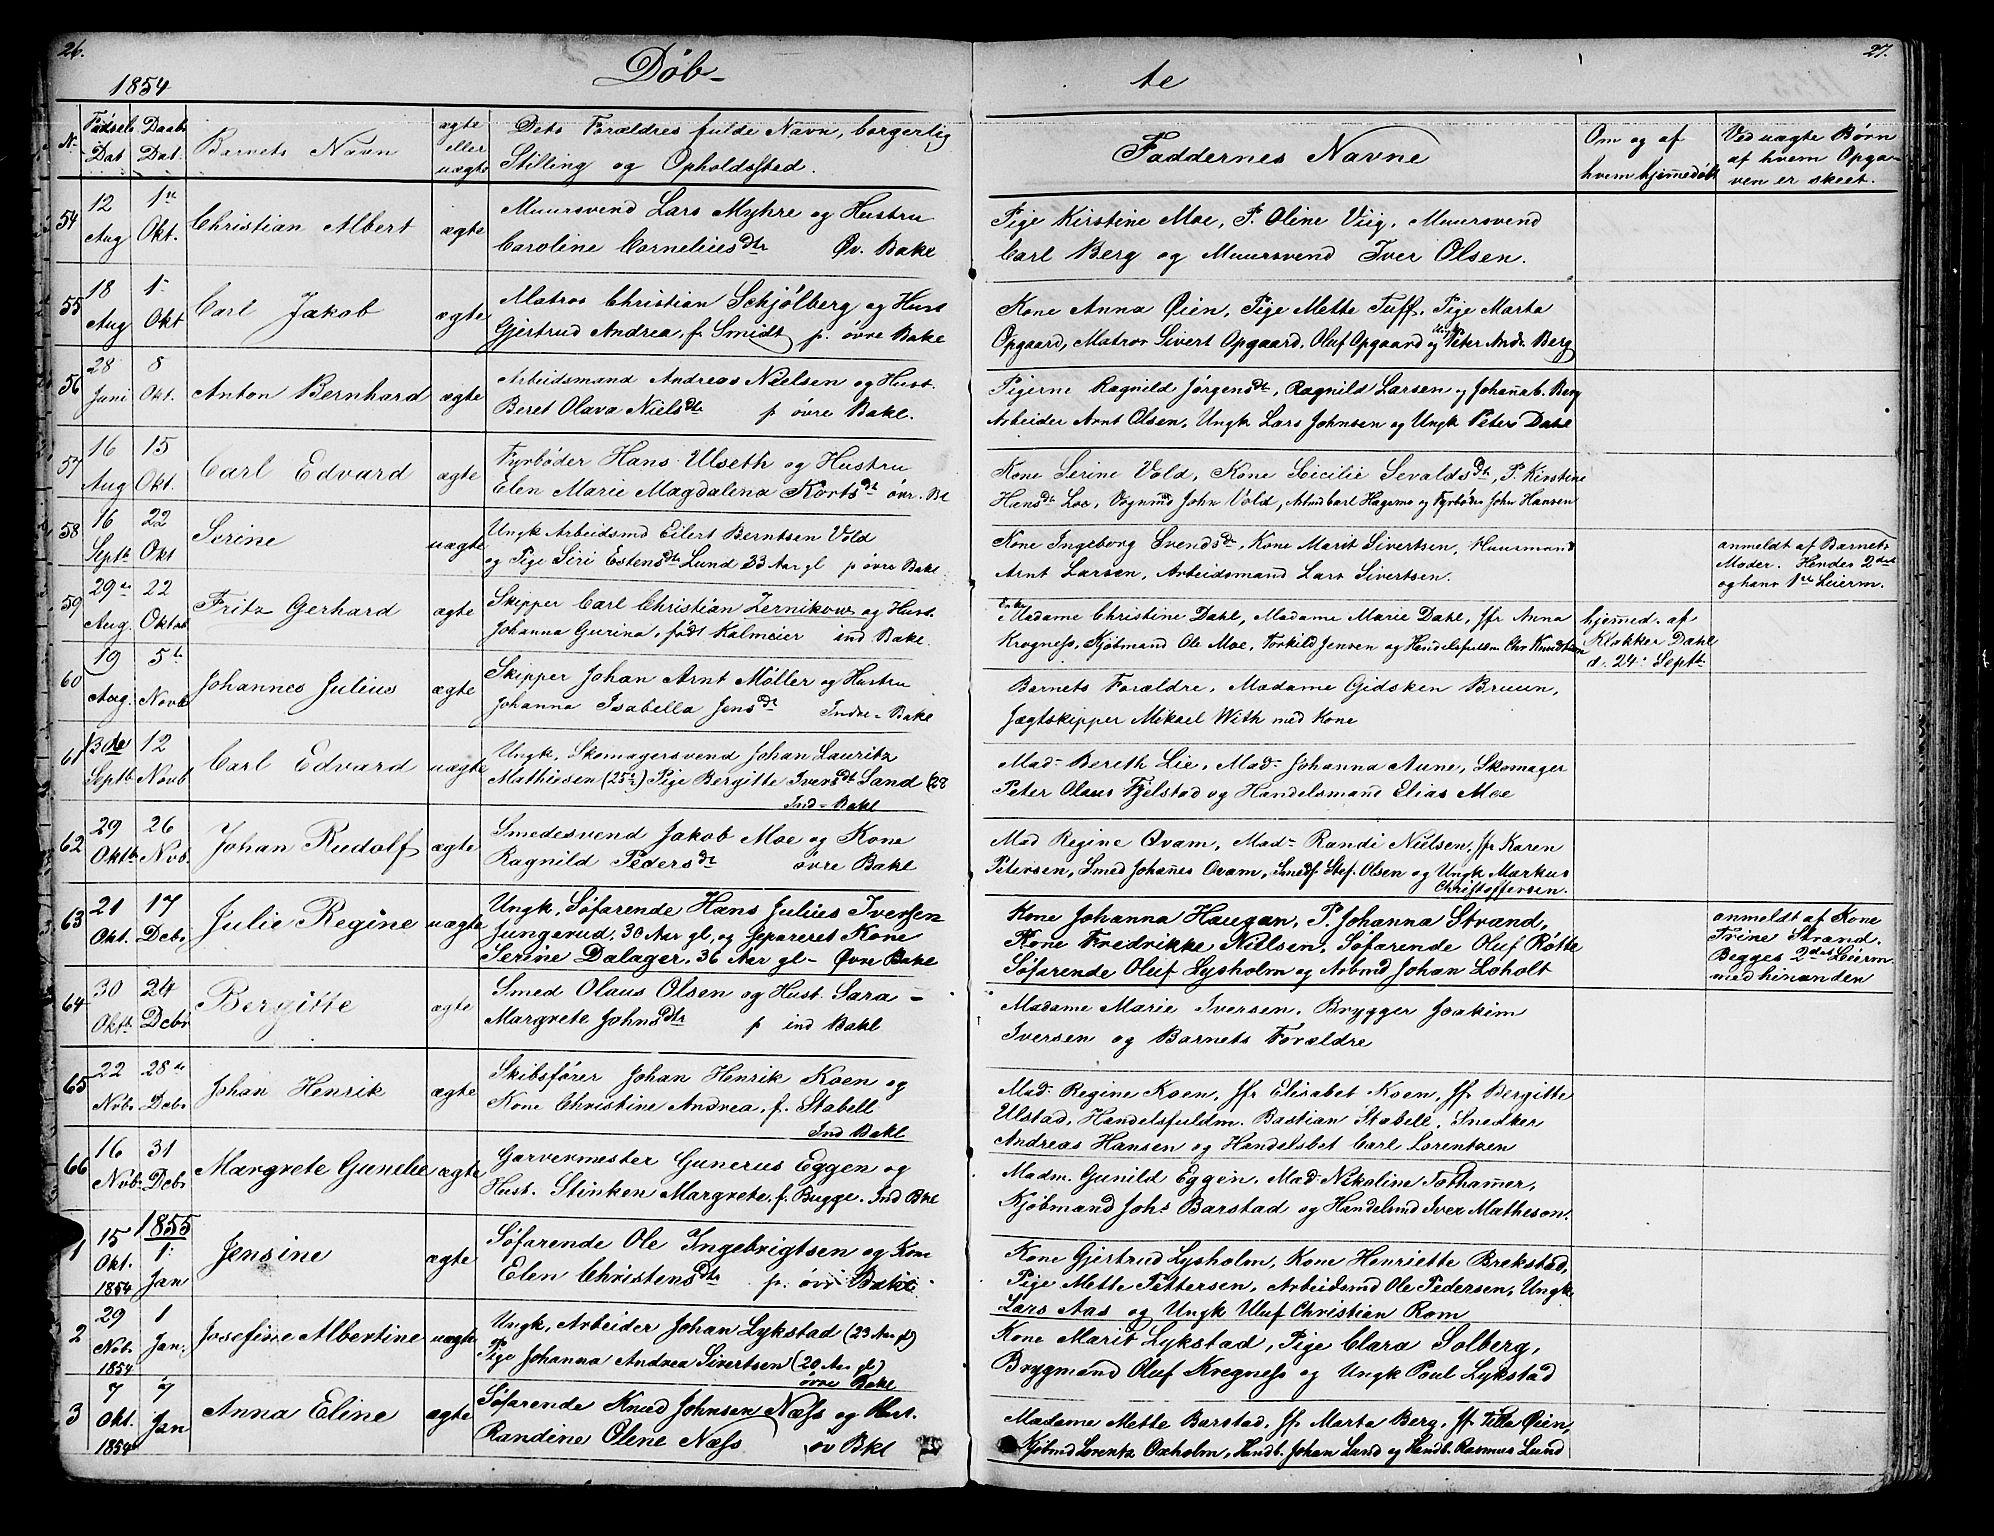 SAT, Ministerialprotokoller, klokkerbøker og fødselsregistre - Sør-Trøndelag, 604/L0219: Klokkerbok nr. 604C02, 1851-1869, s. 26-27